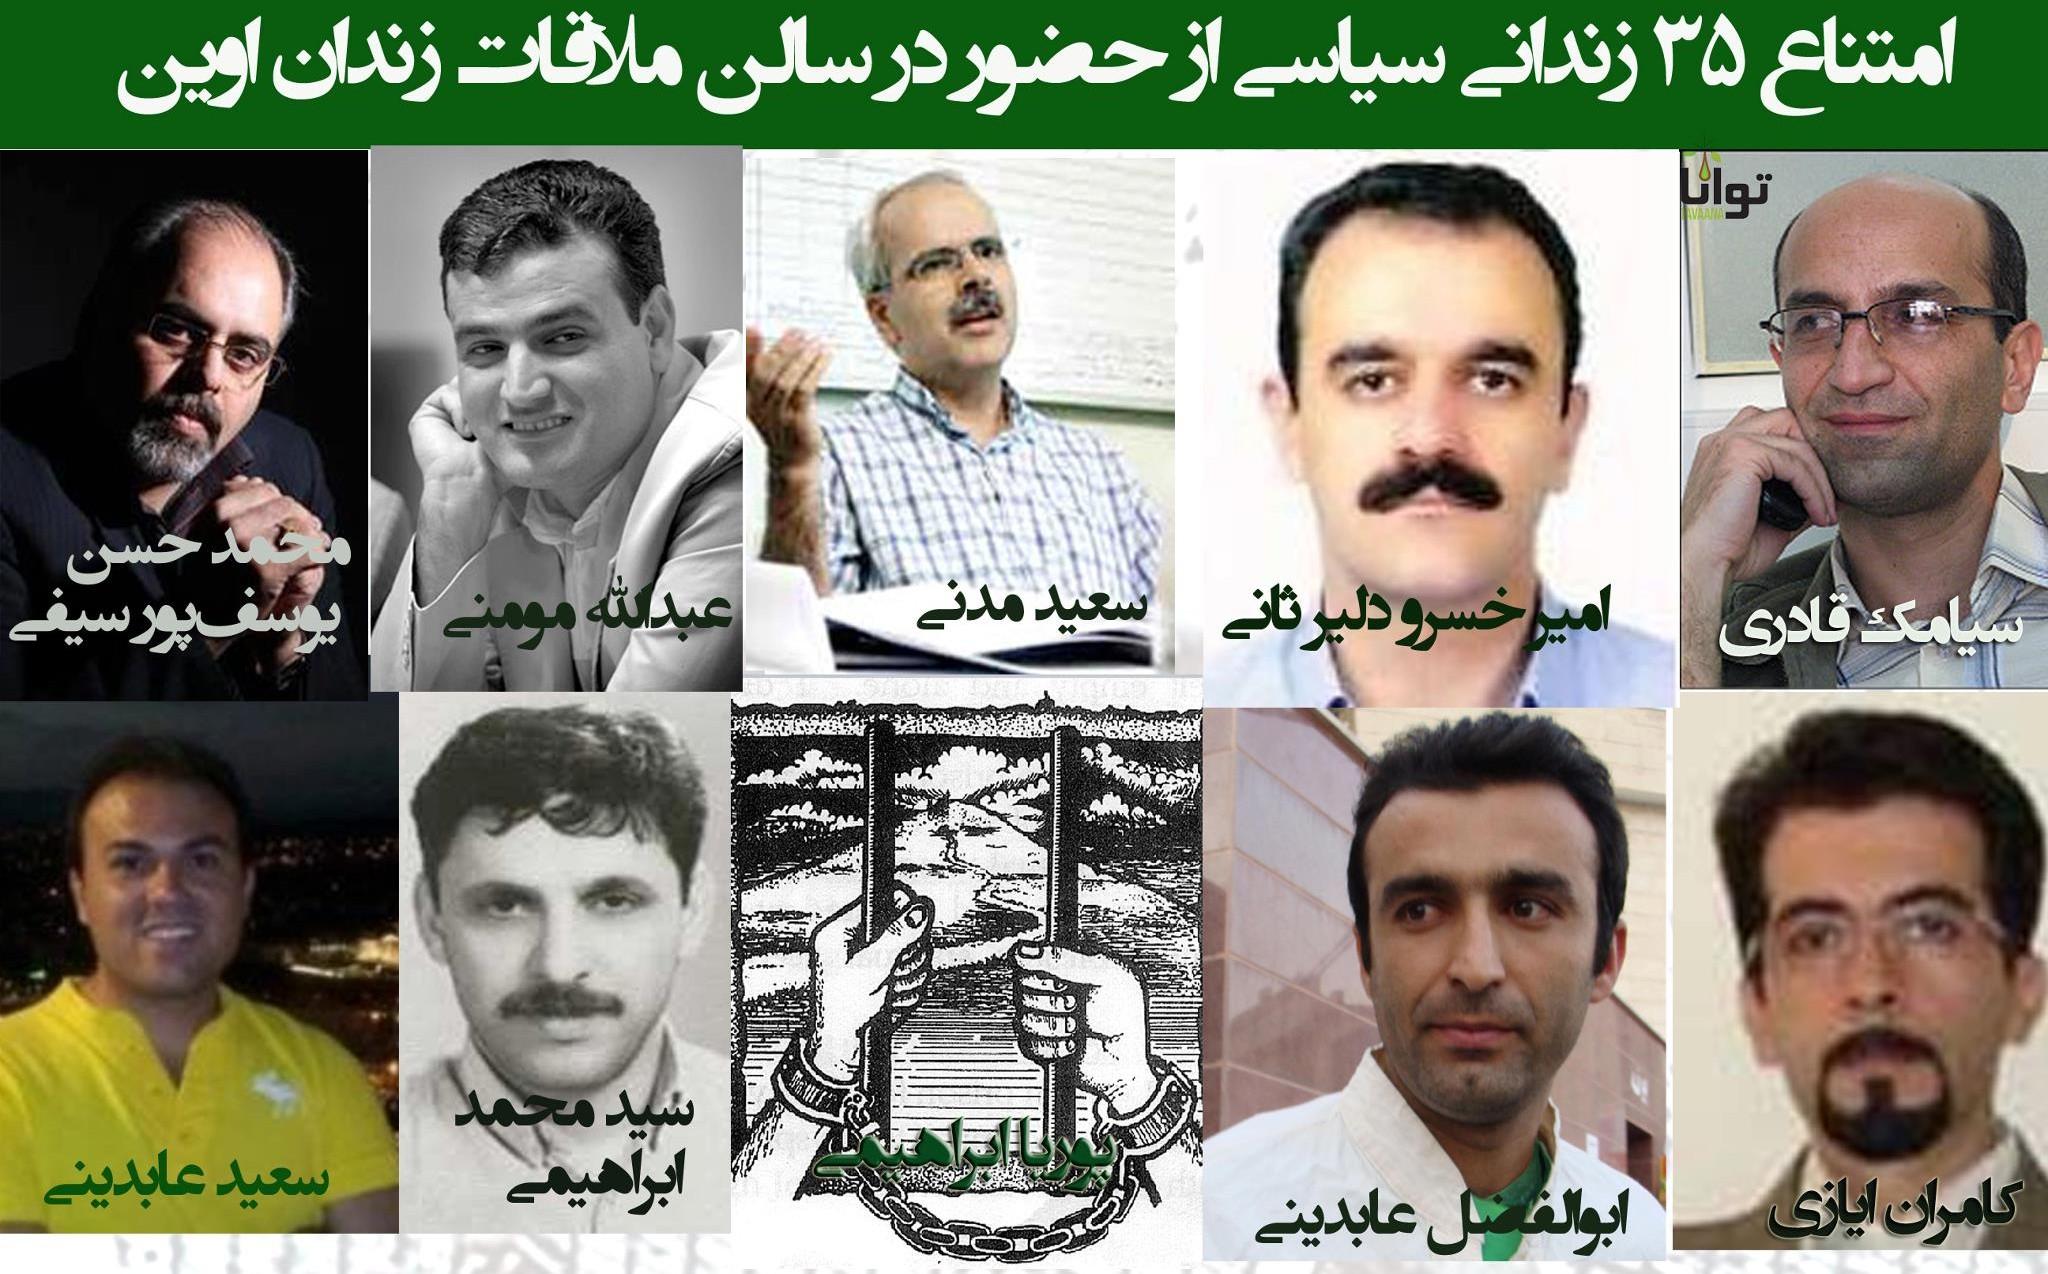 9 dei 10 prigionieri di coscienza trasferiti dalla sezione 350 in cella d'isolamento a Evin